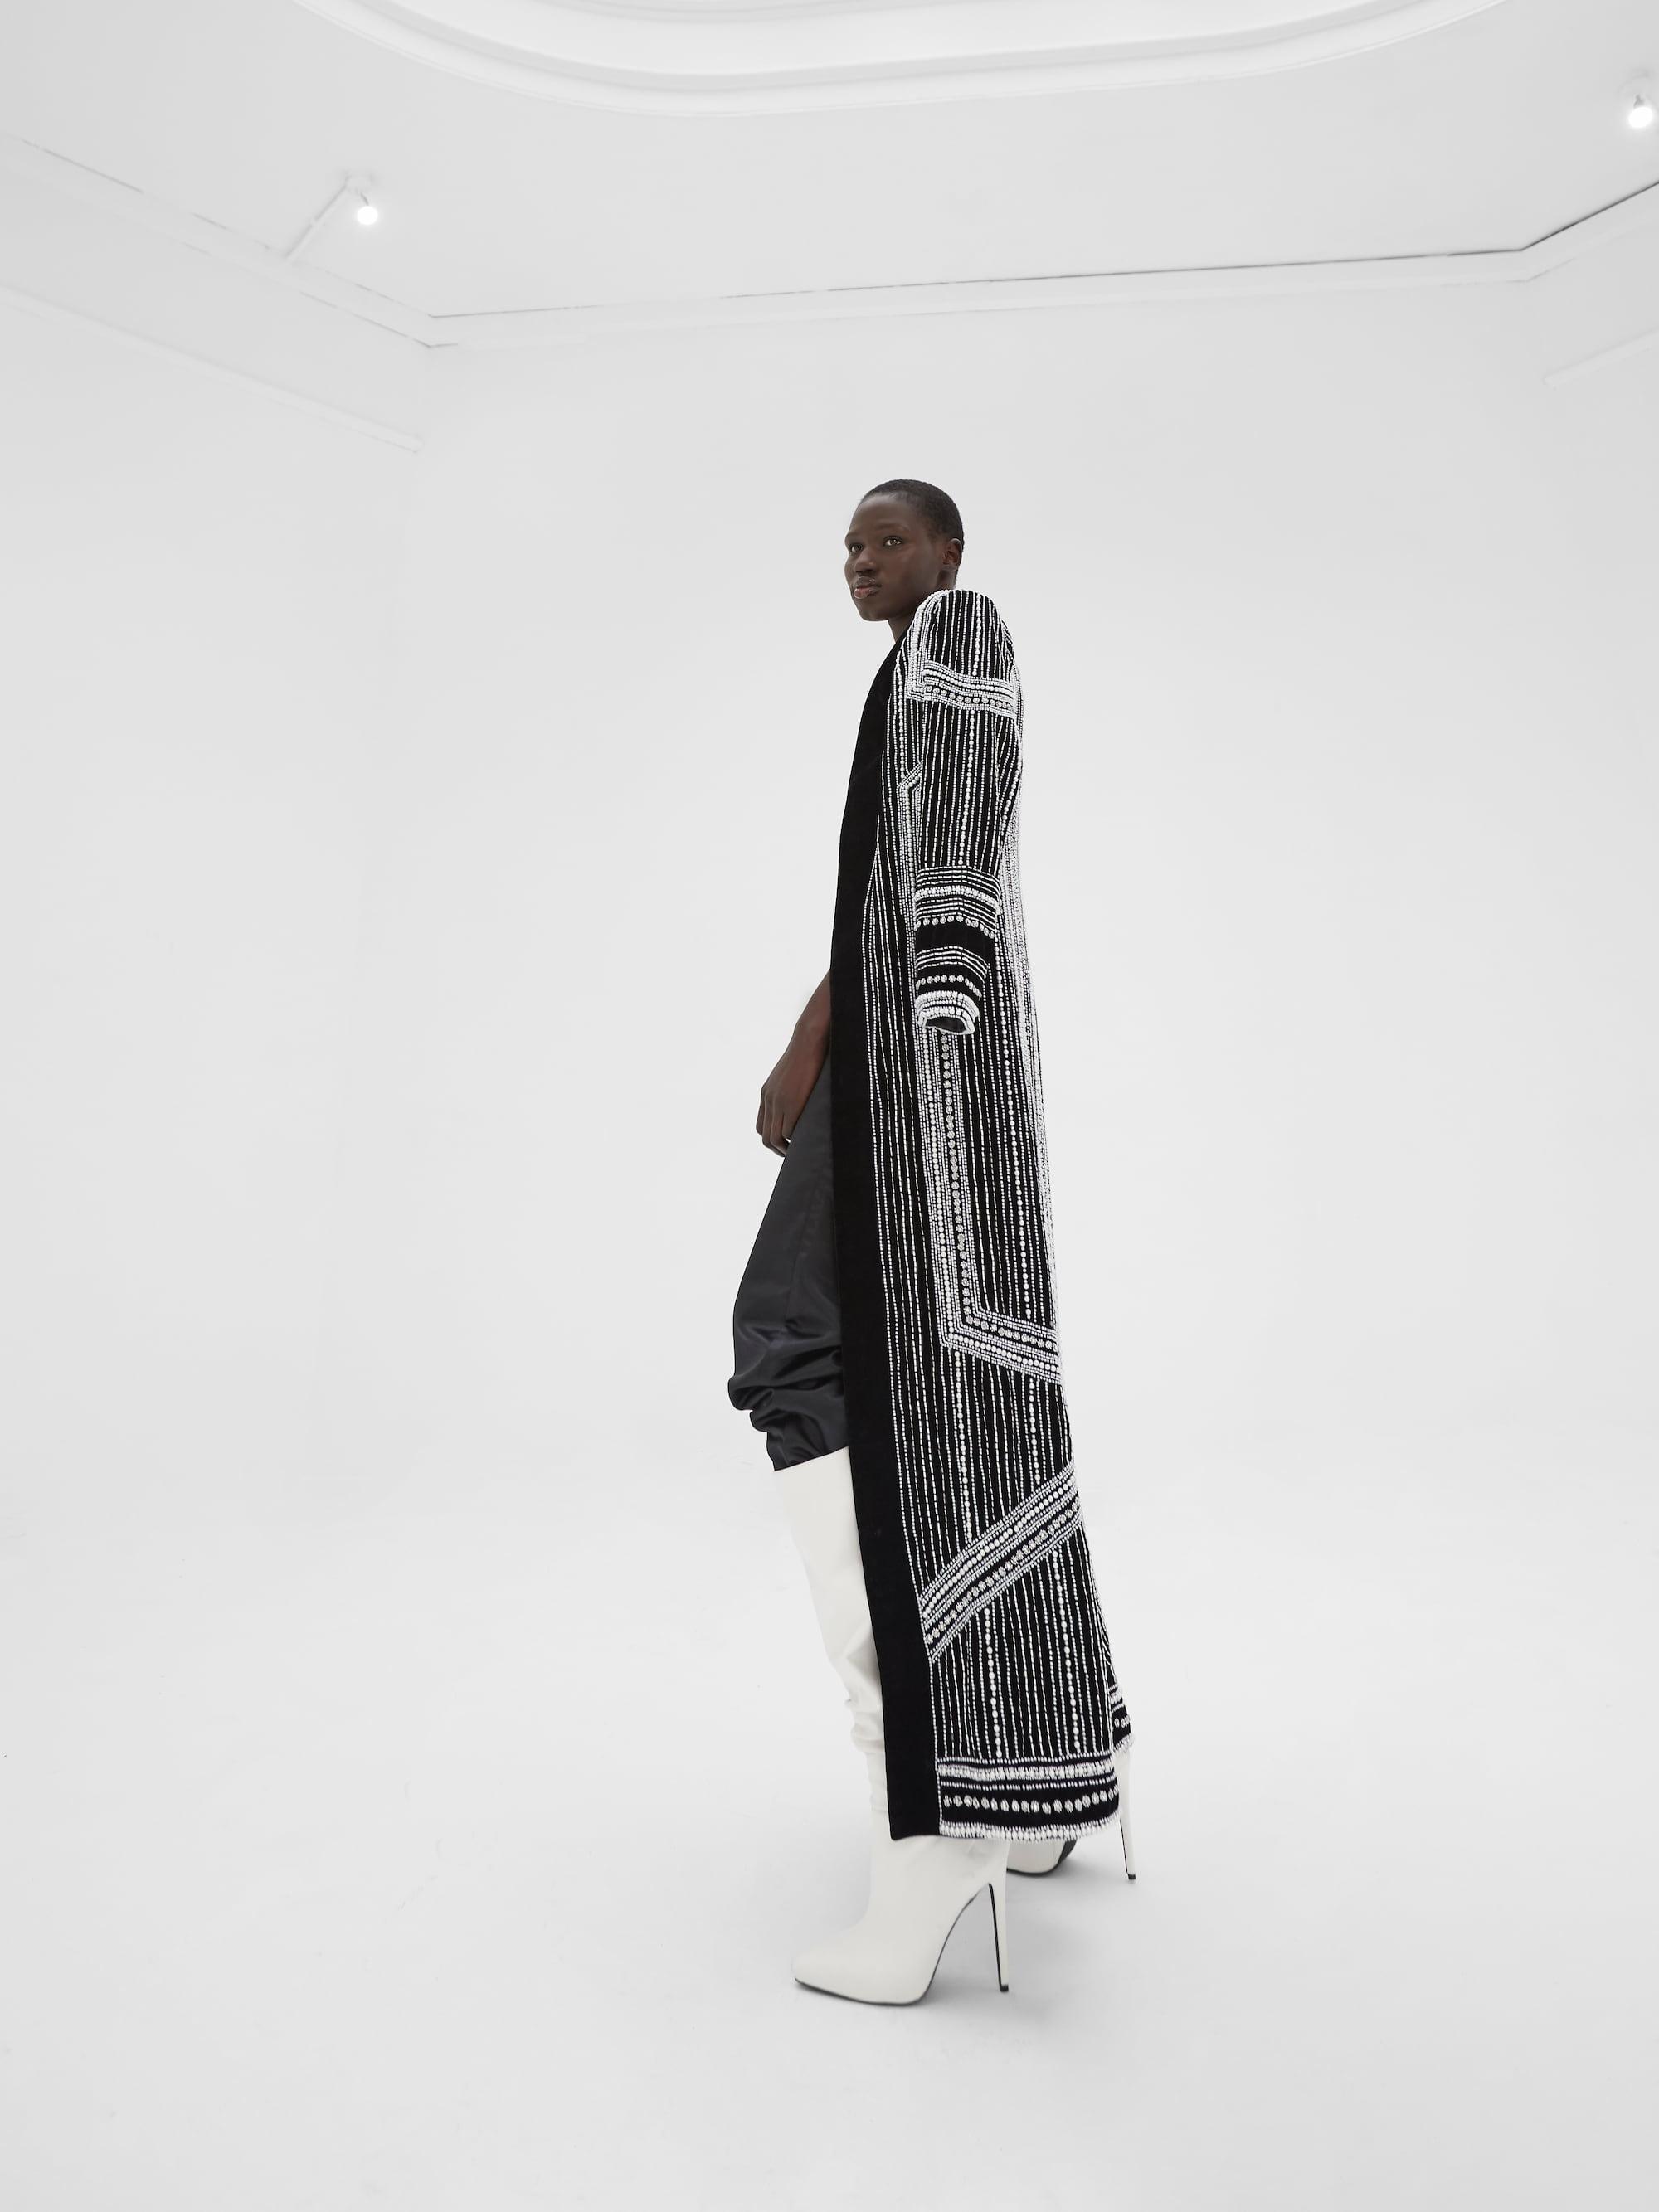 View 5 of model wearing Kainaaz Kimono in black.